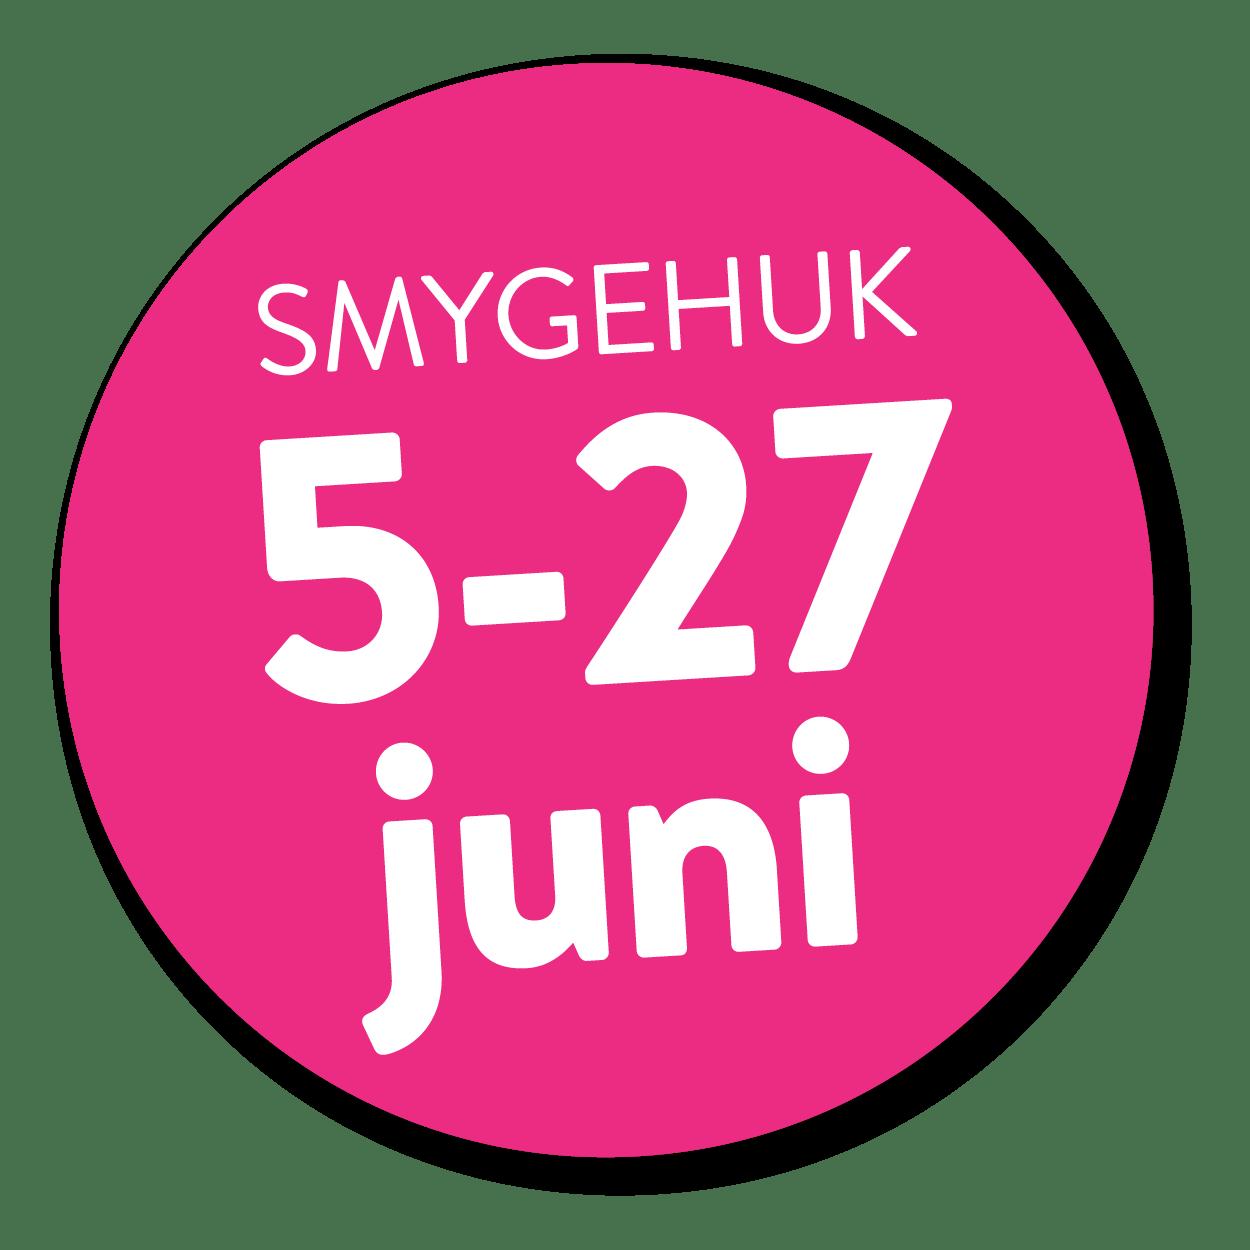 Smygehuk 5-27 juni